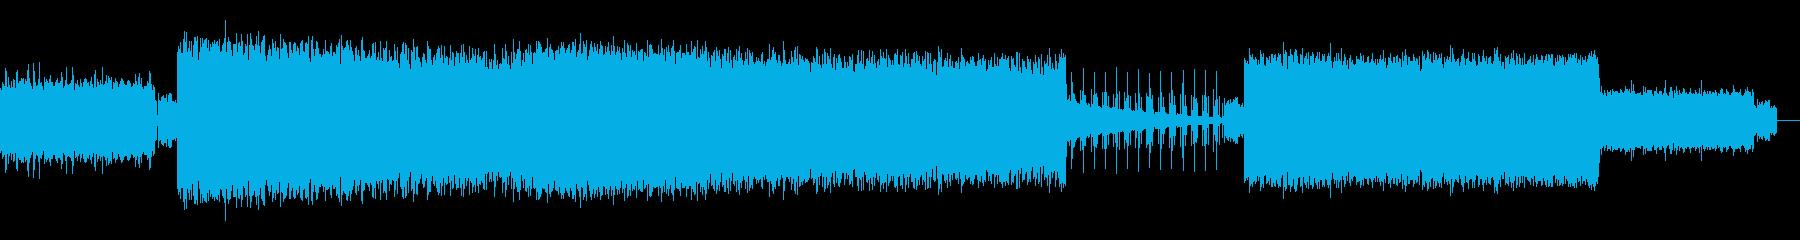 洋楽風バカっぽい女性ボーカルのアゲアゲ曲の再生済みの波形